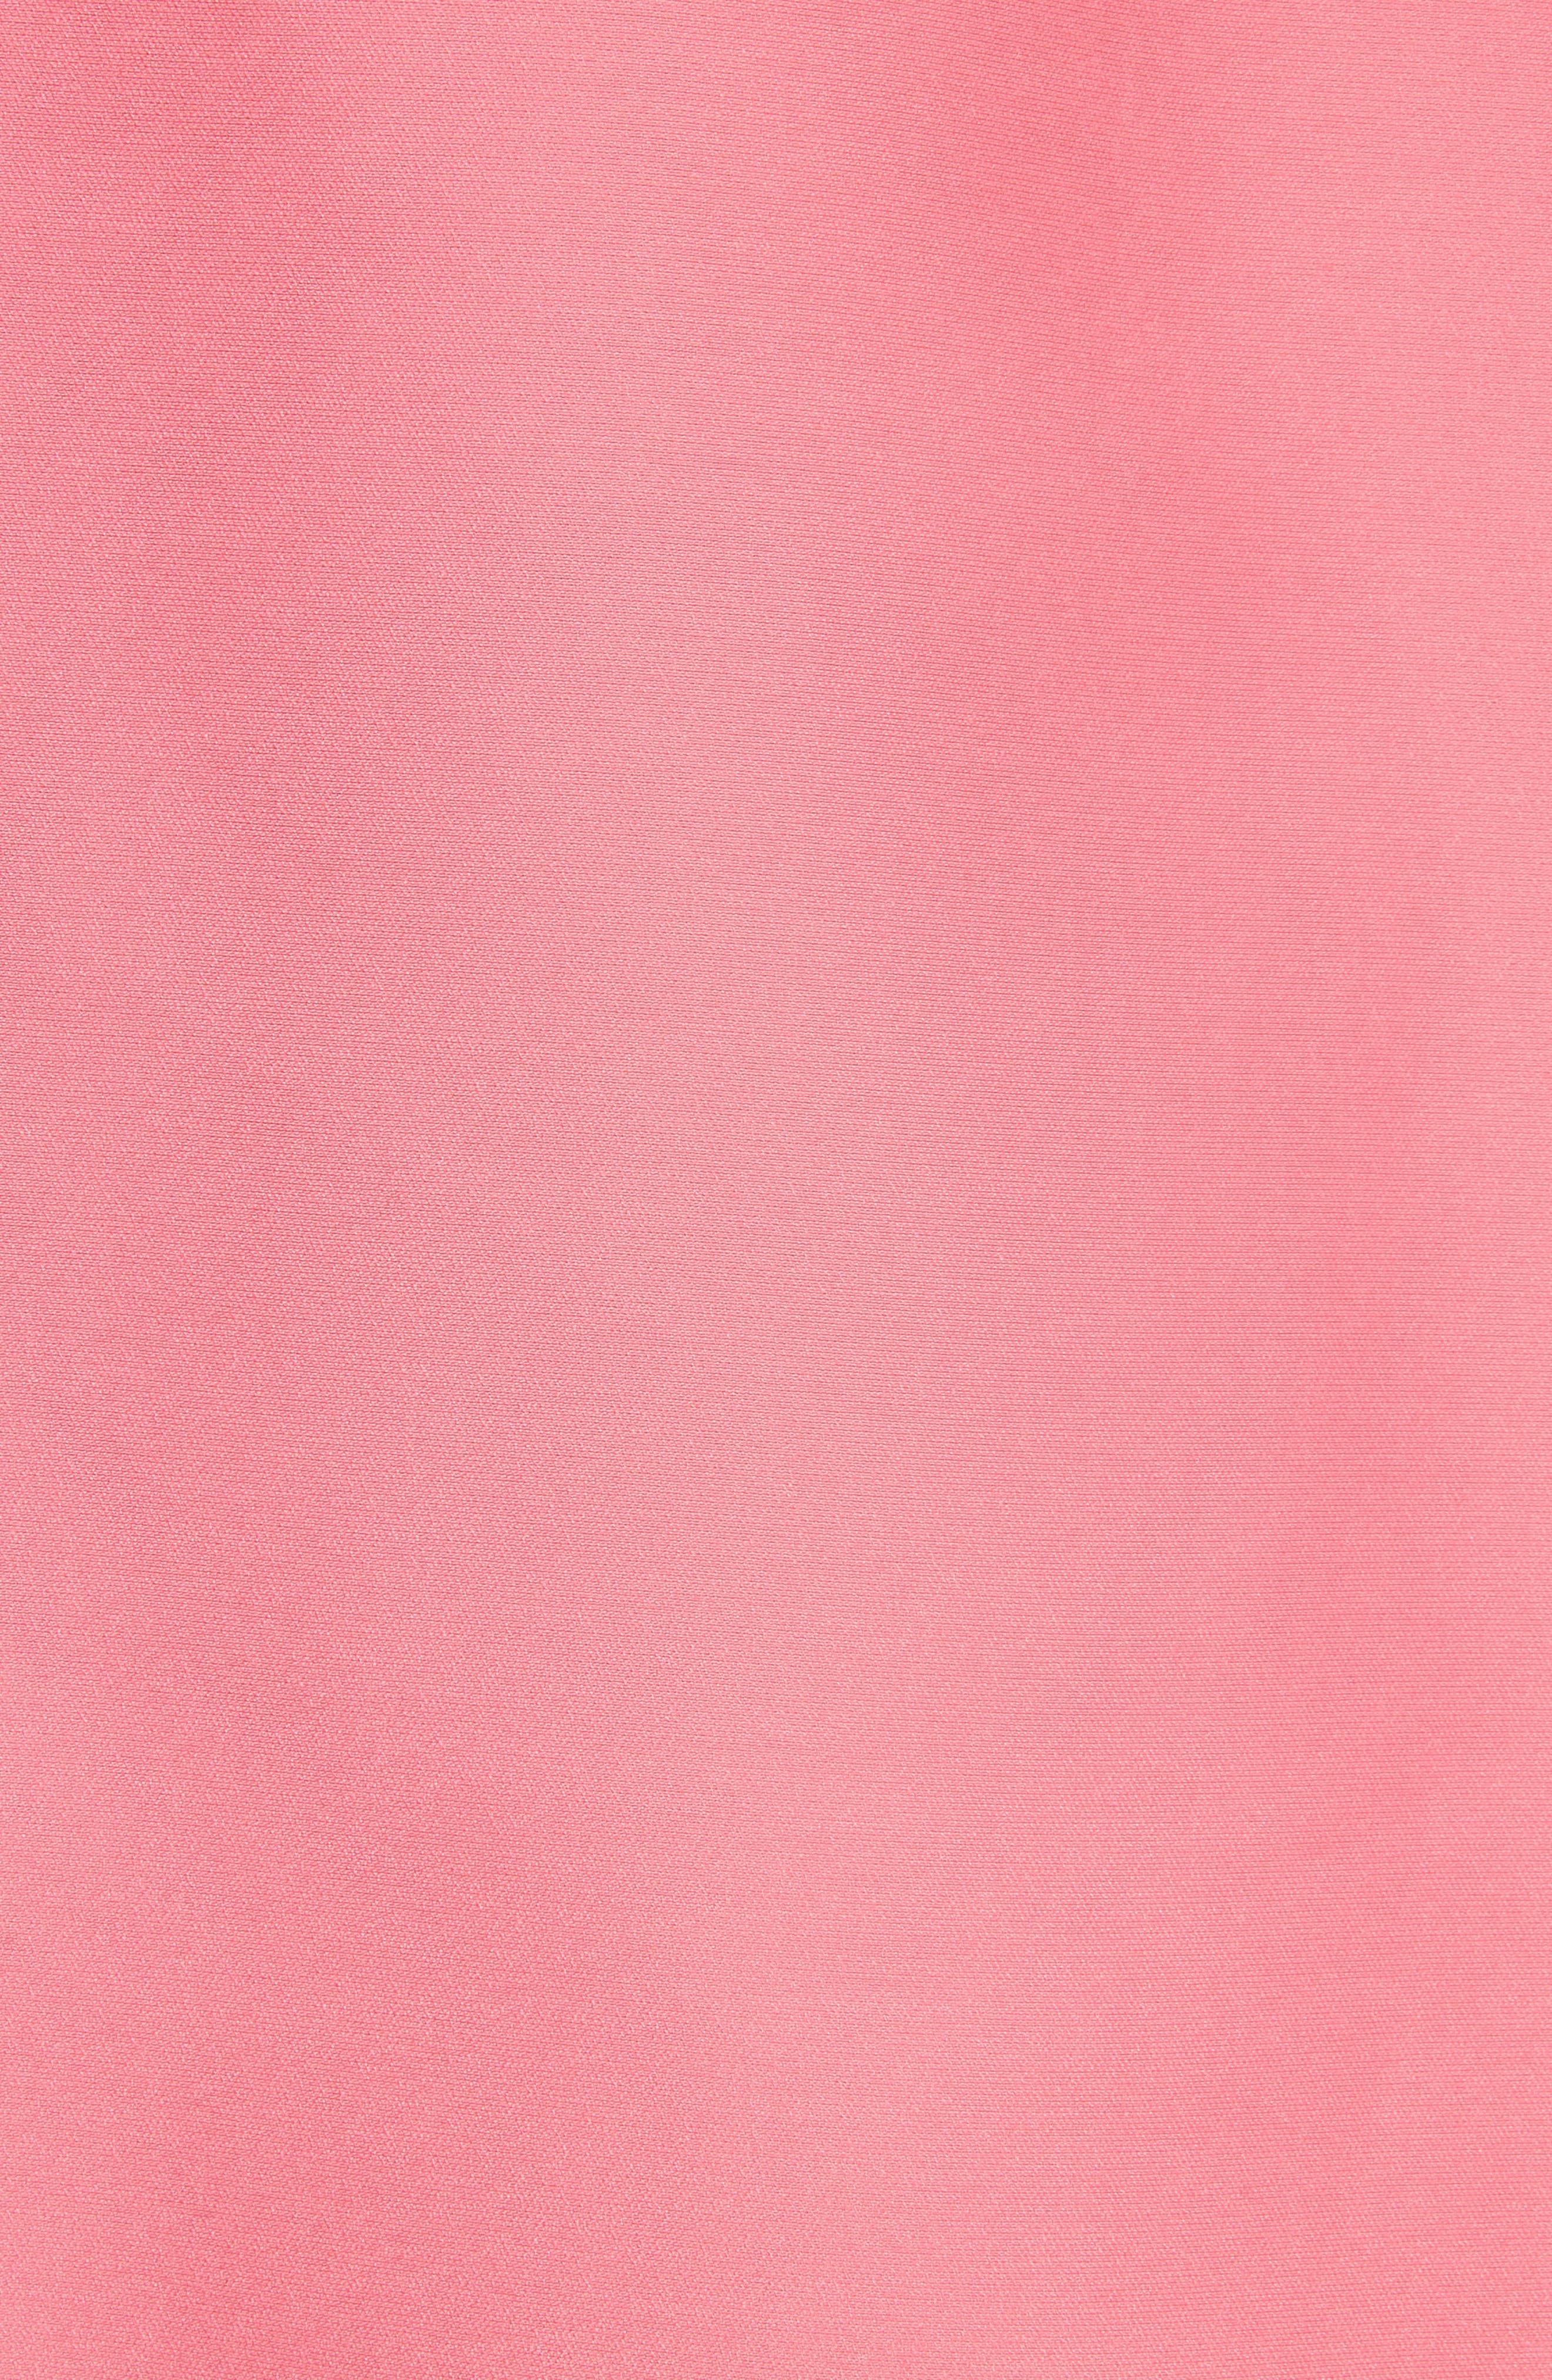 floral lace trim mikado fit & flare dress,                             Alternate thumbnail 5, color,                             682